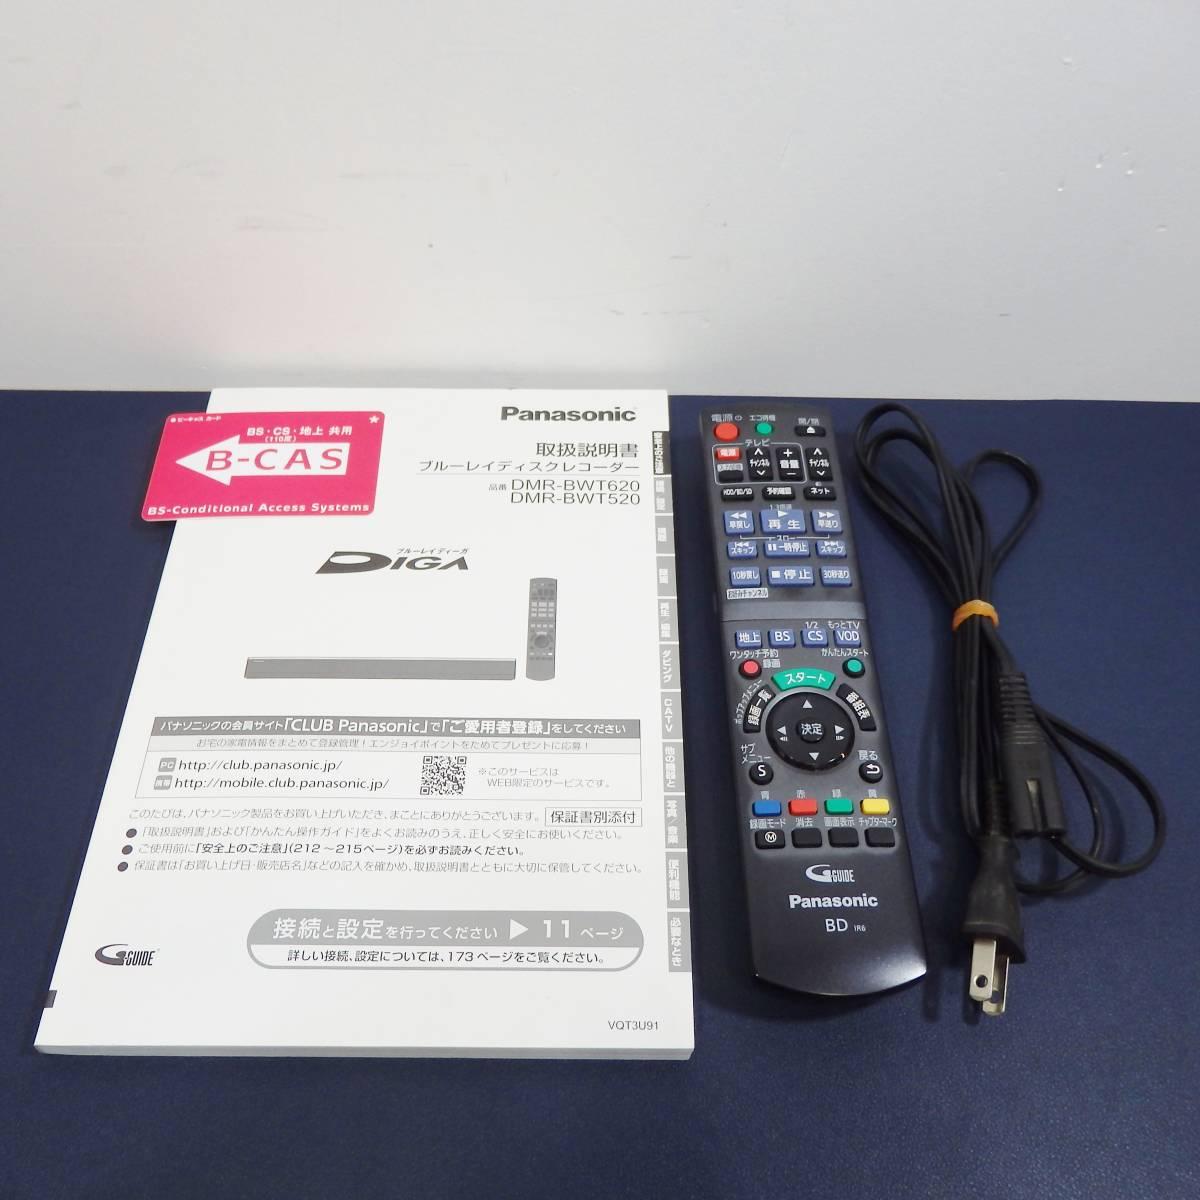 中古良品♪ Panasonic HDD & Blu-ray DIGA 1TB DMR-BWT620 12年製 パナソニック 2チューナー DVD ブルーレイ レコーダー 純正リモコン_画像7